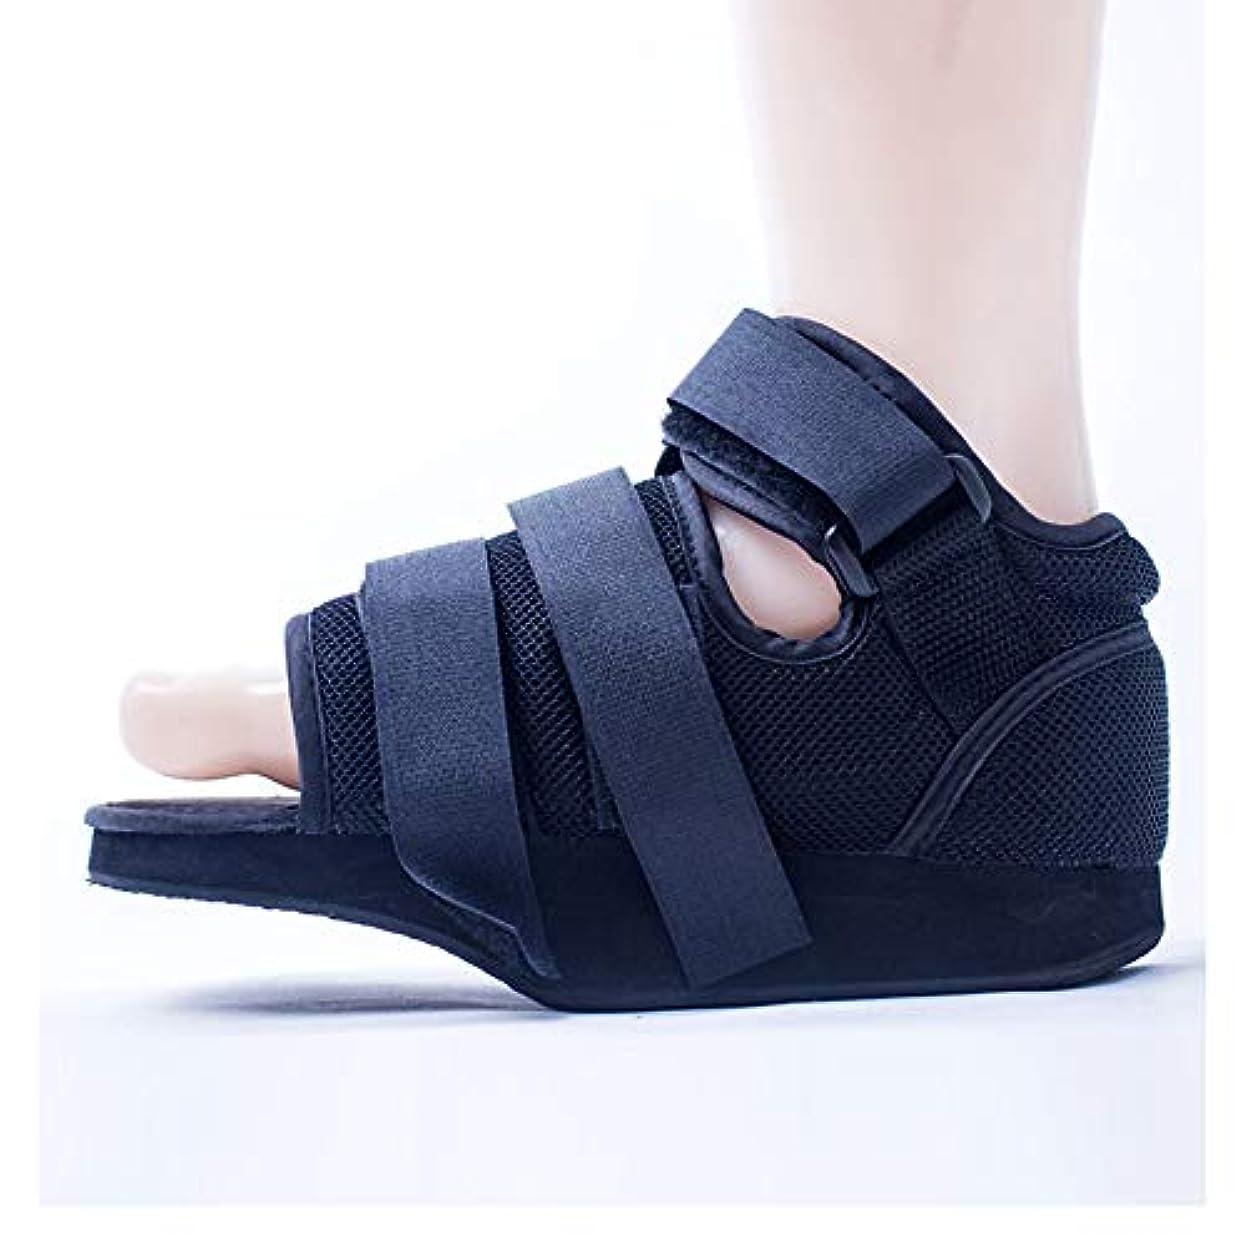 後者渦プライバシー壊れたつま先/足の骨折のための術後スクエアトゥウォーキングシューズ - ボトムキャストシューズ術後の靴 - 調節可能な医療ウォーキングブーツ (Size : L)